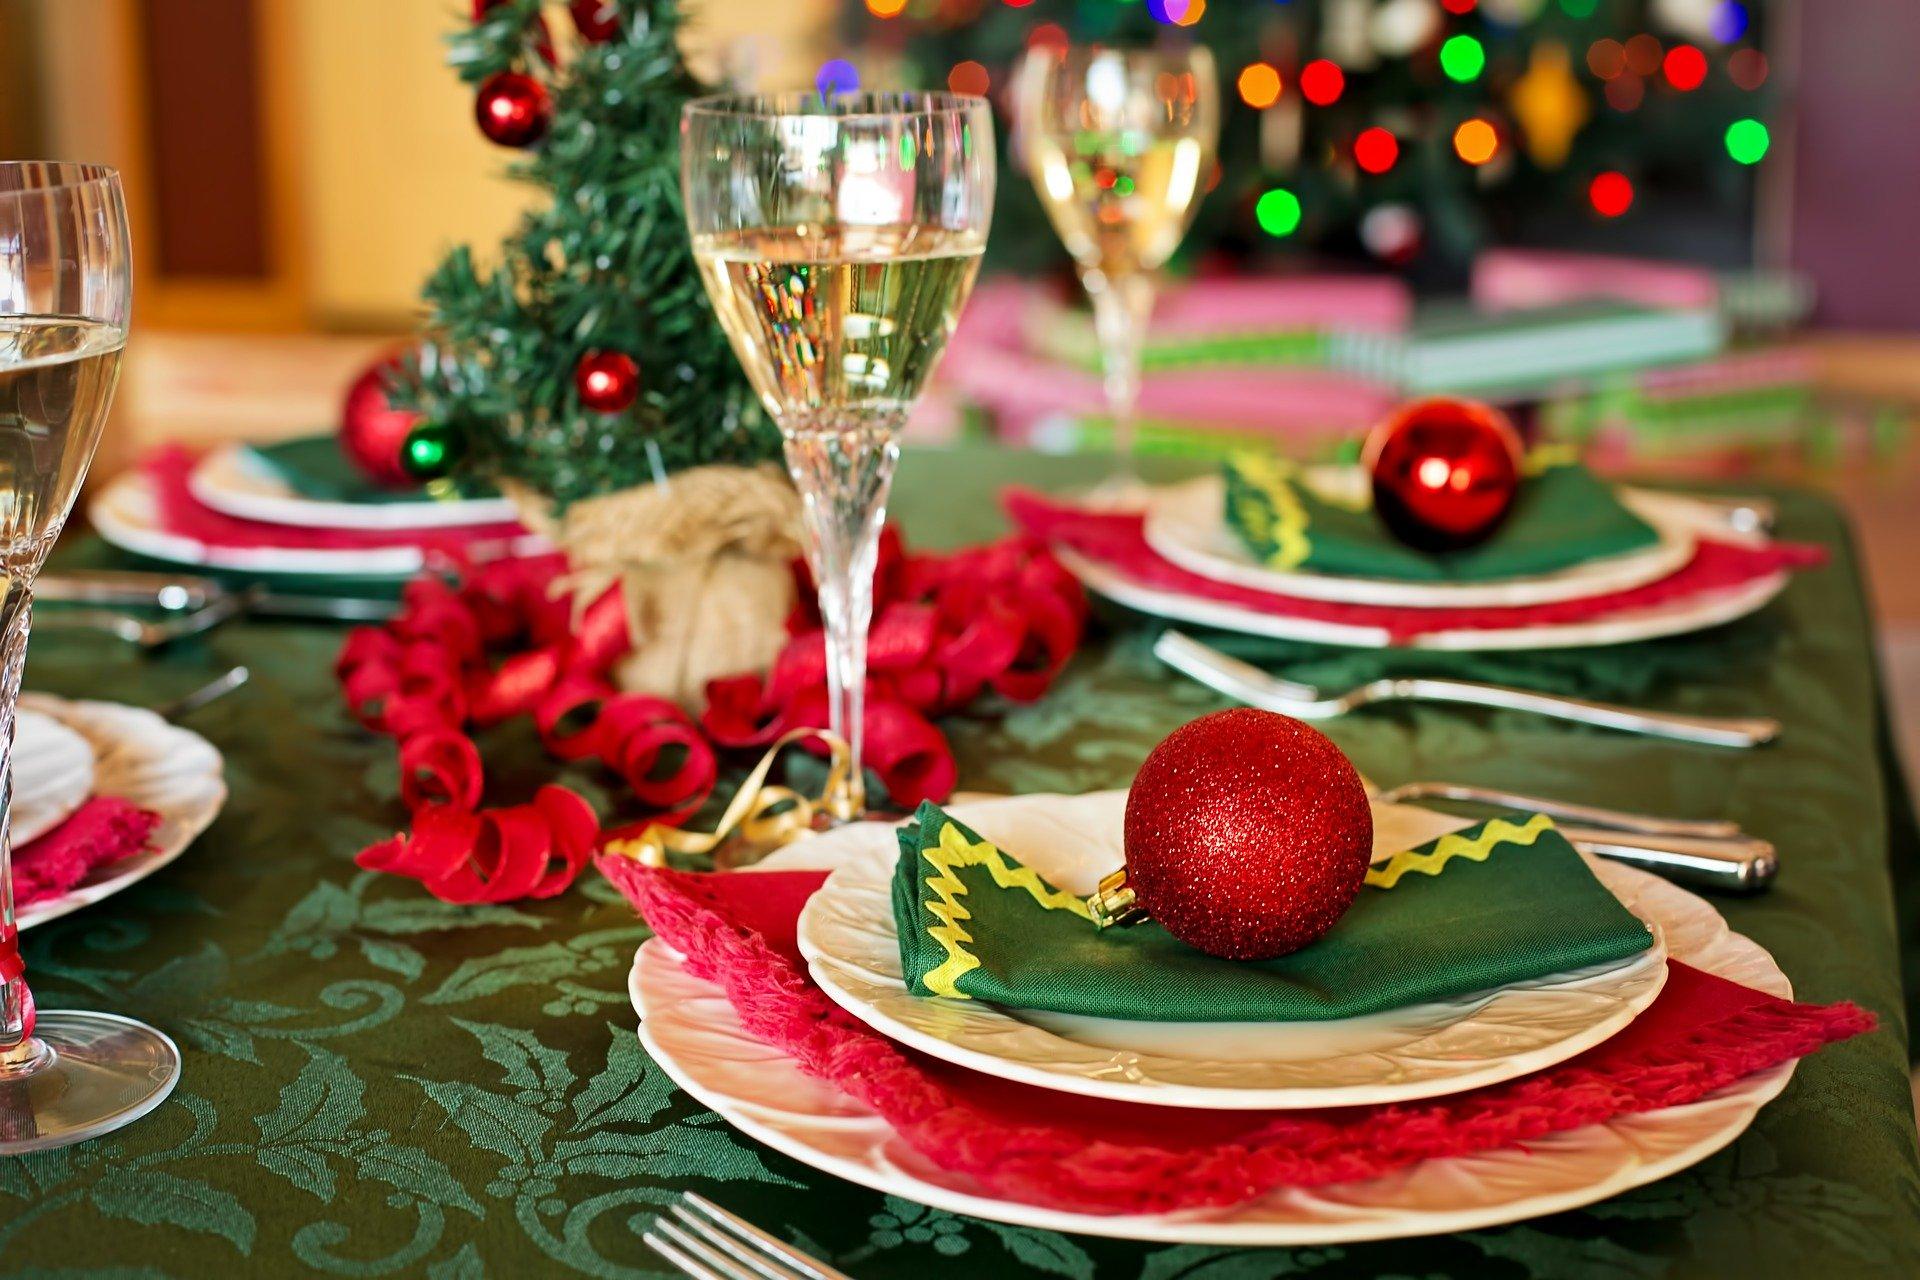 Decorare la tavola natalizia: ecco alcune idee utili